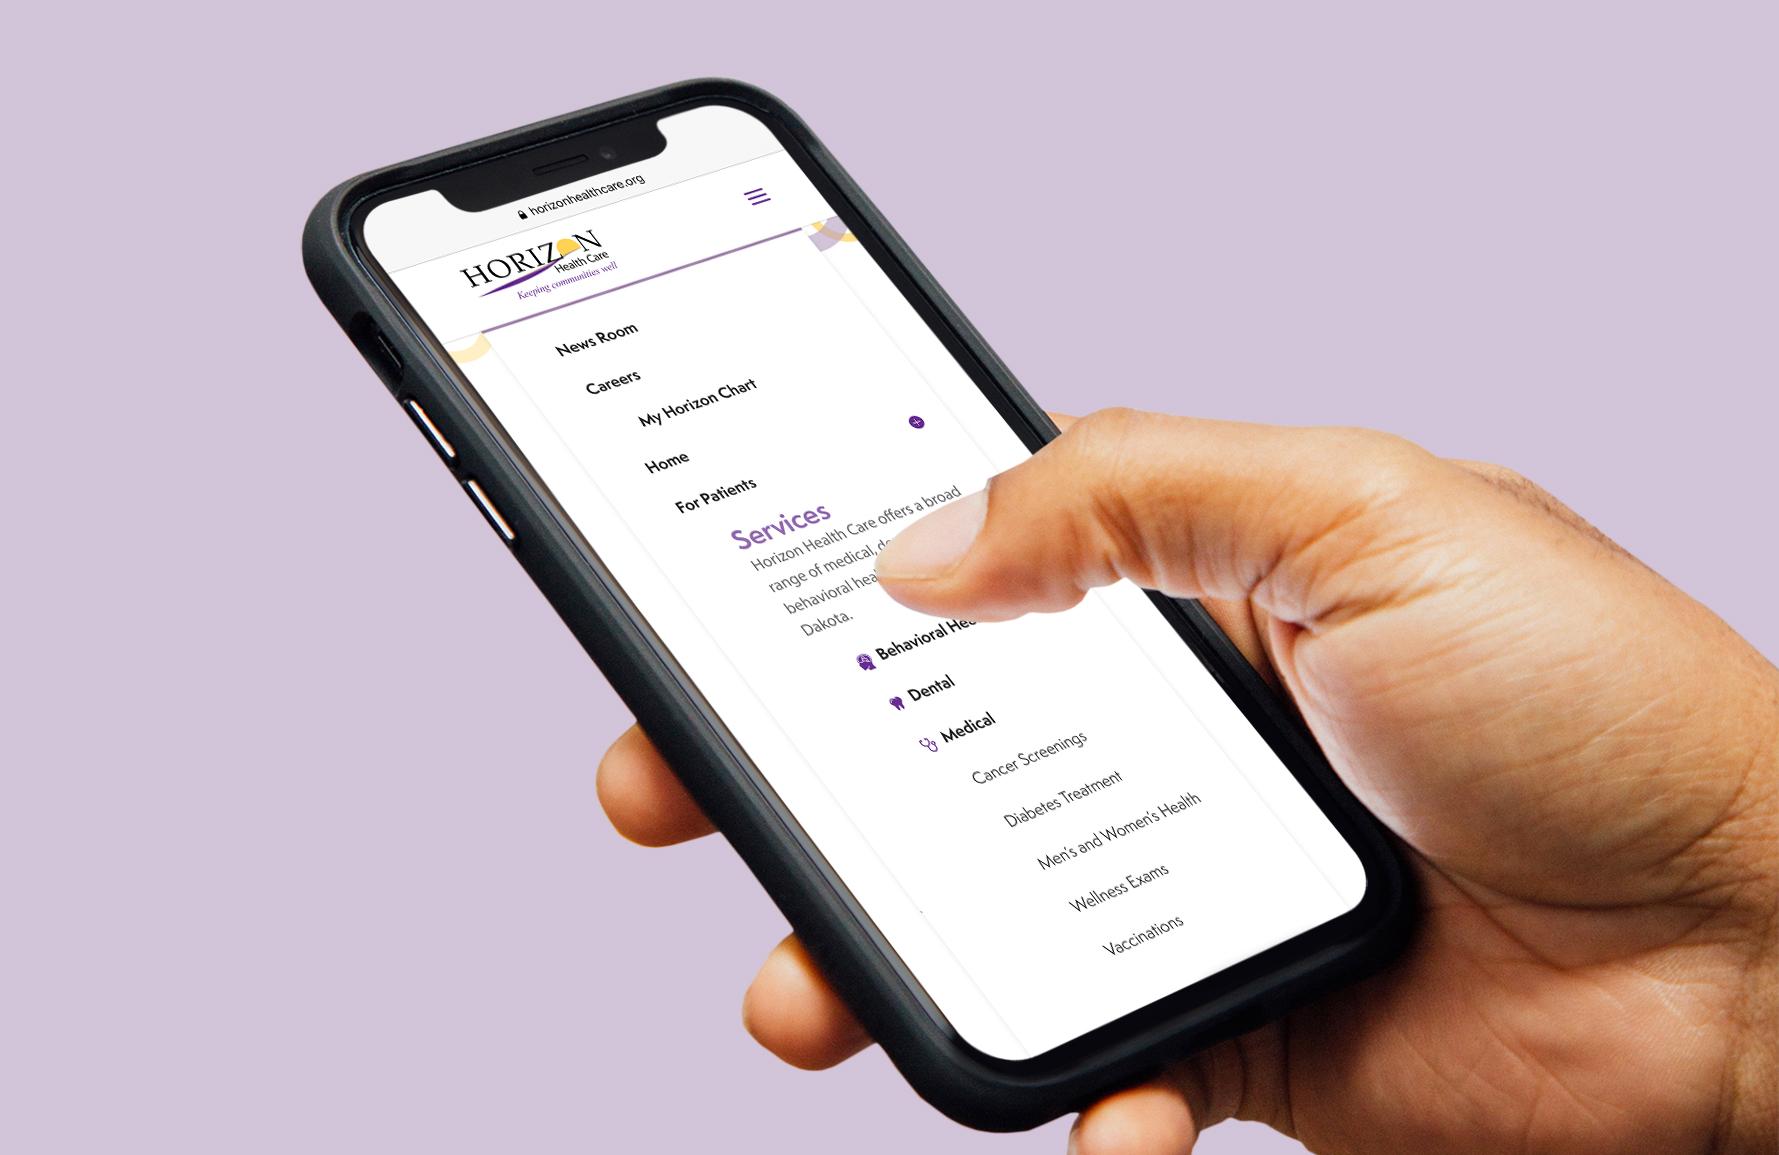 Horizon Healthcare website on phone